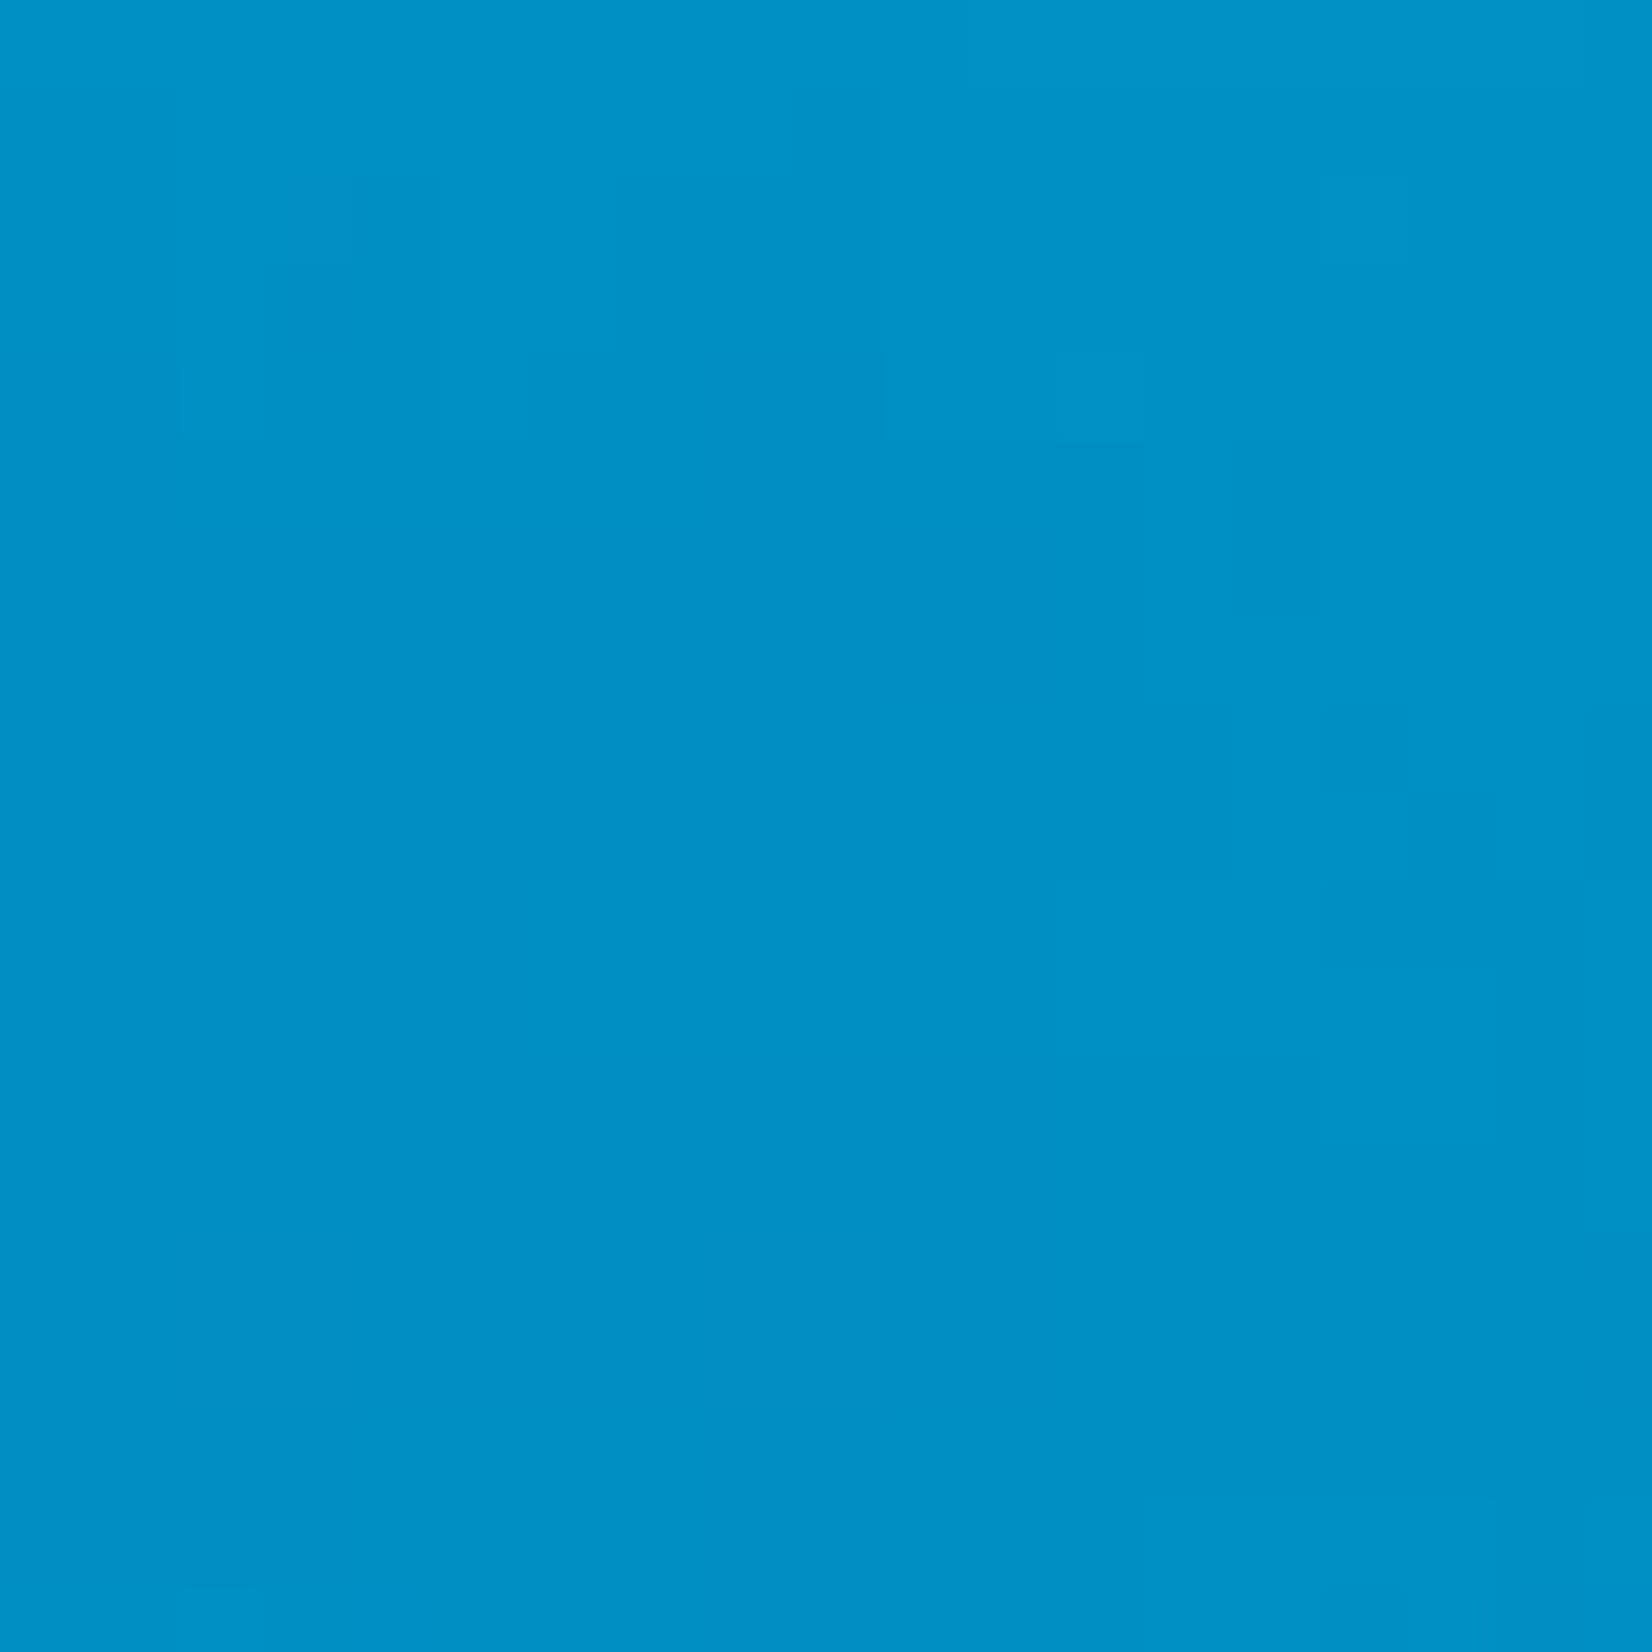 Robert Kaufman Kona - Turquoise